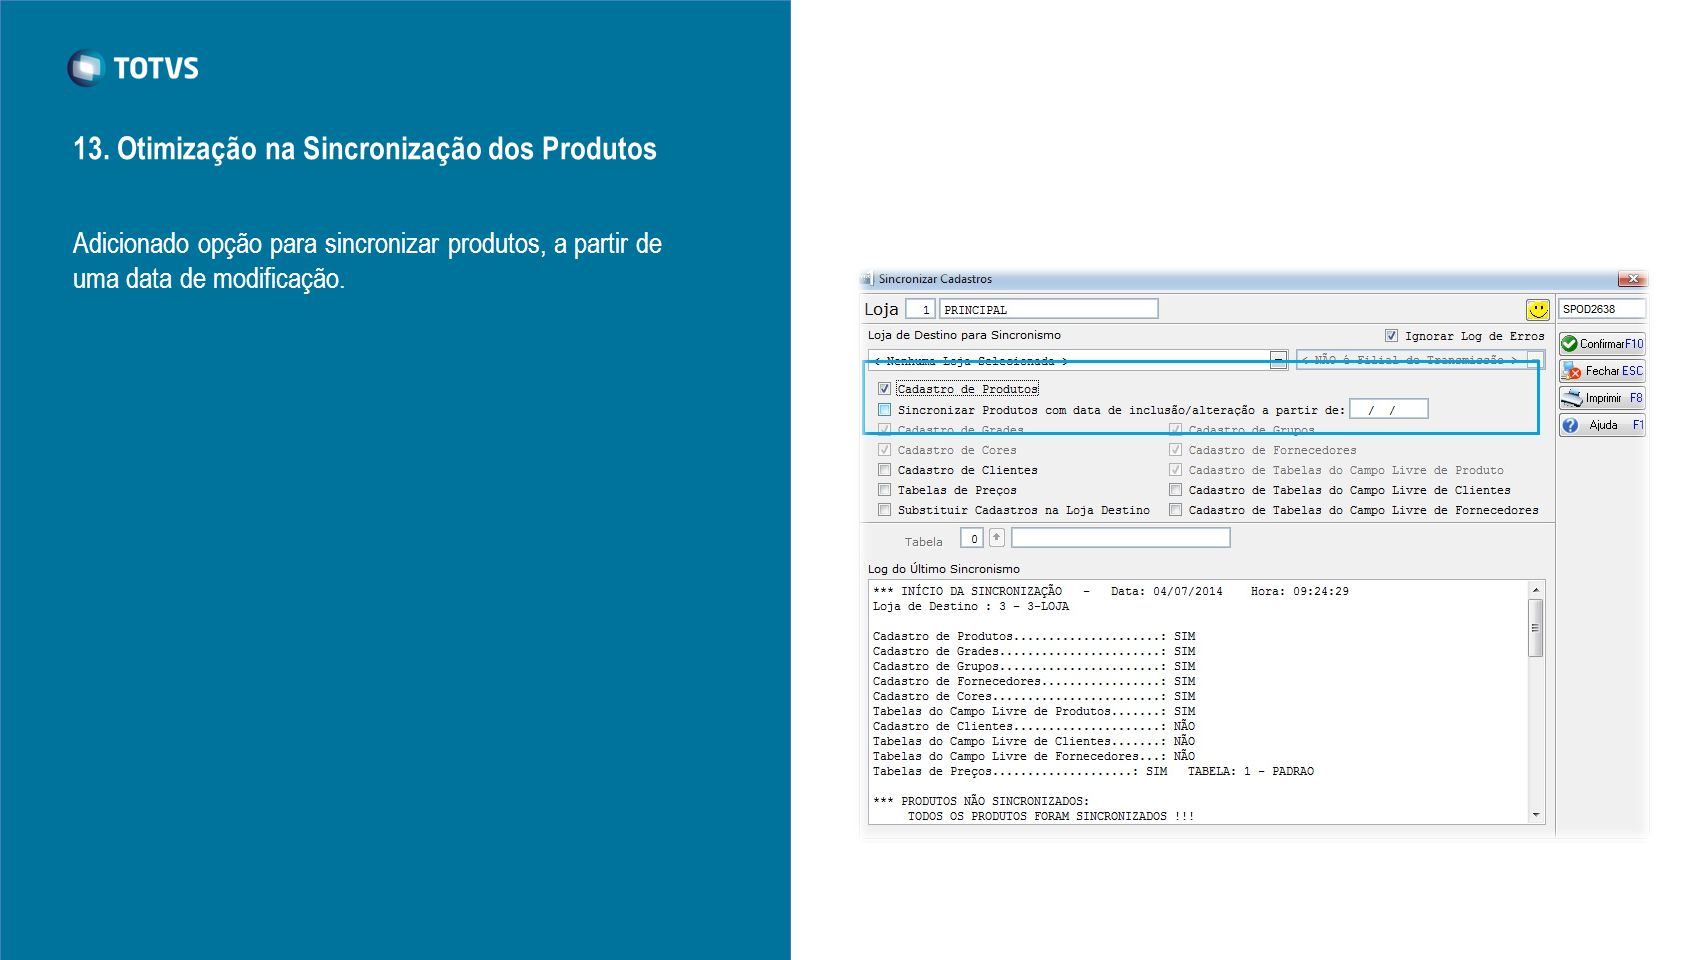 13. Otimização na Sincronização dos Produtos